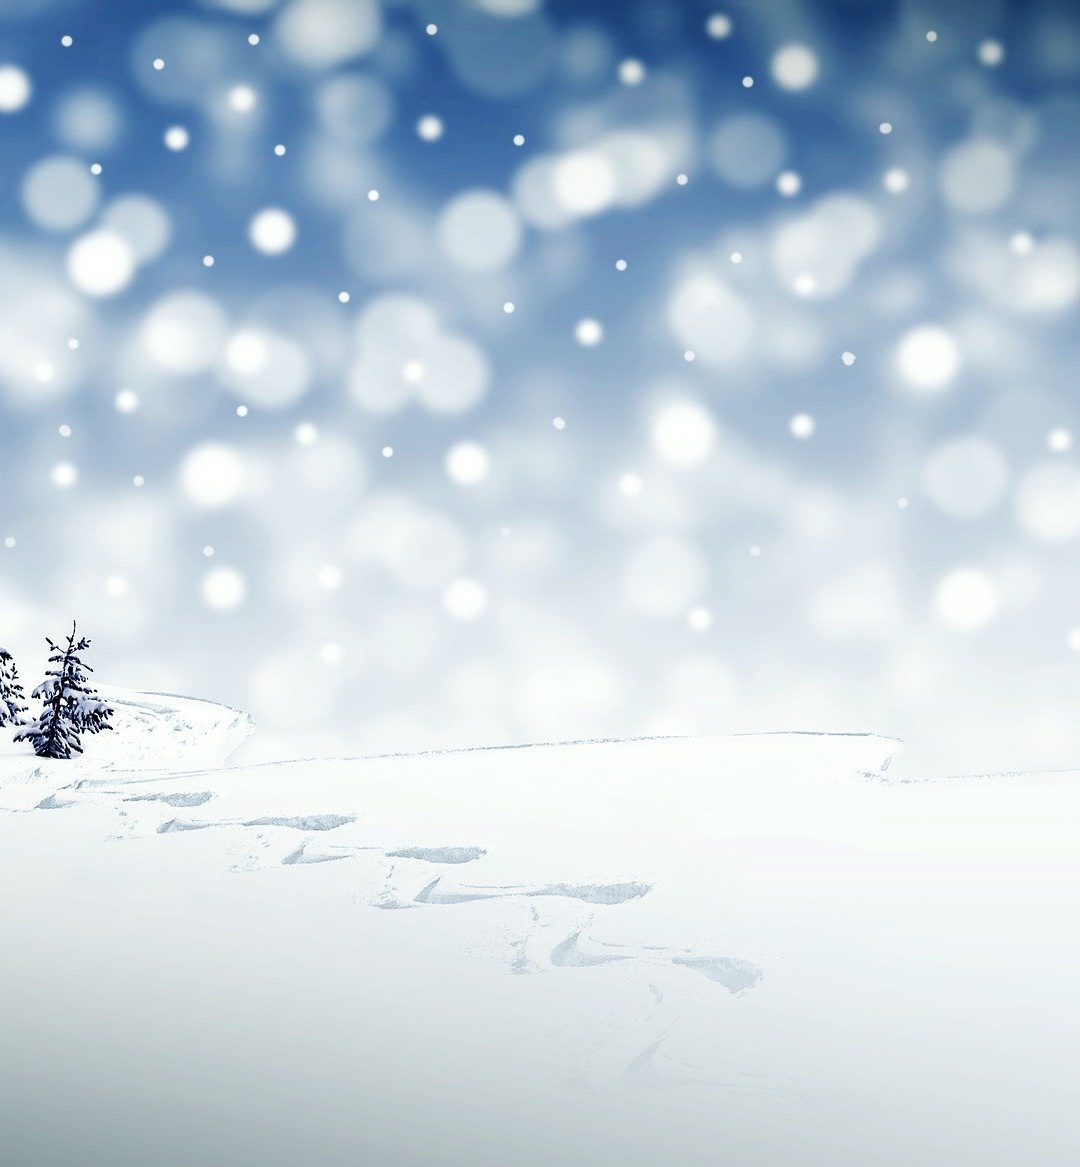 Pourquoi Noël dure et plaît autant aux petits qu'aux grands ?